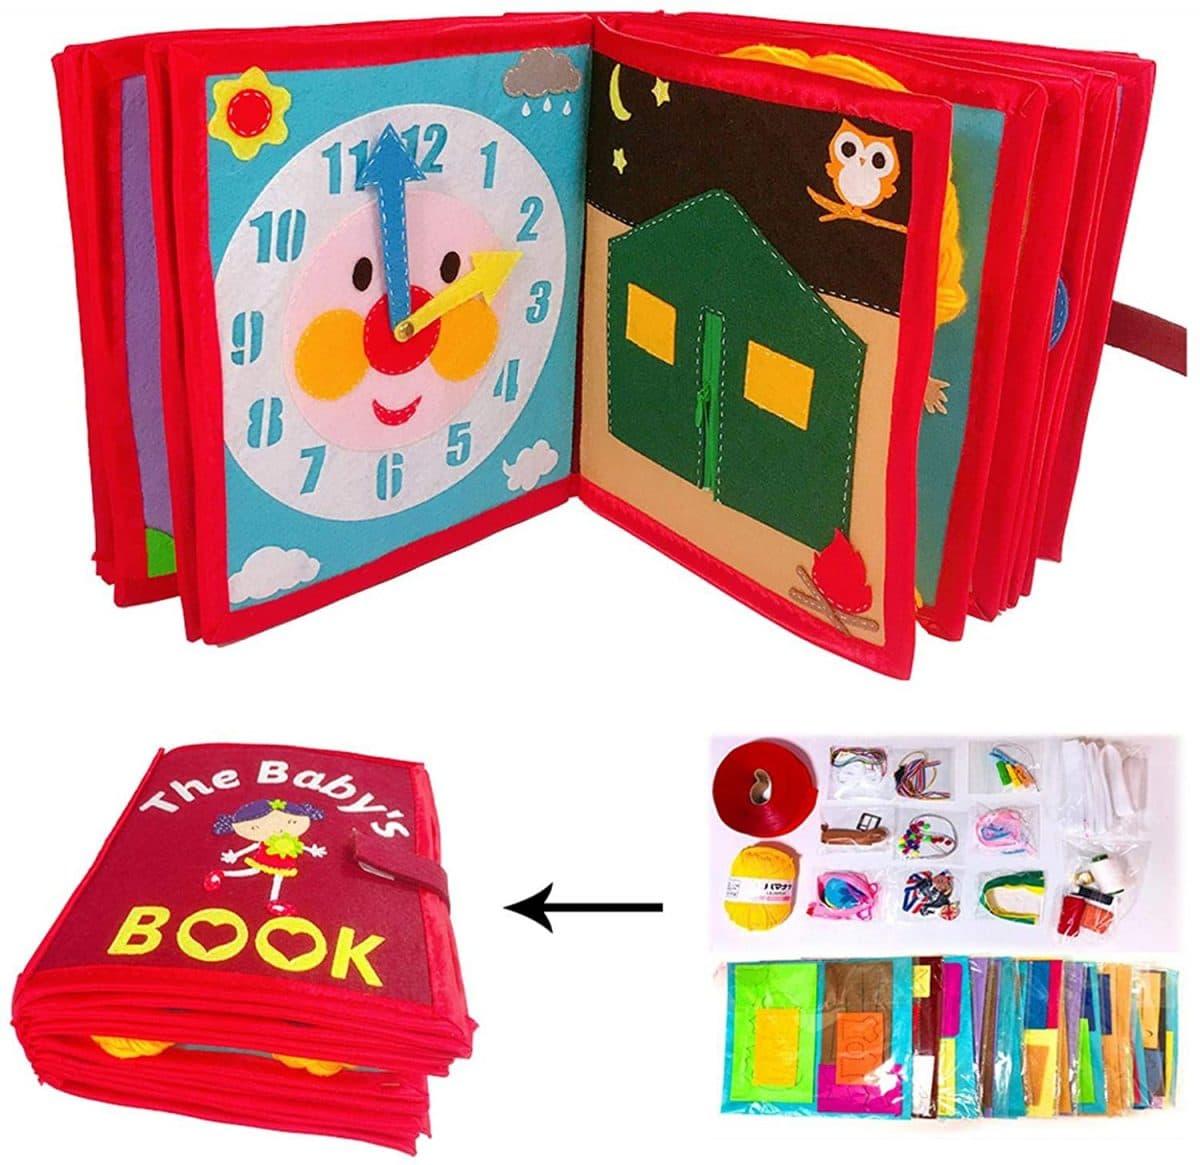 Comment choisir les livres d'éveil pour votre enfant en bas âge ?